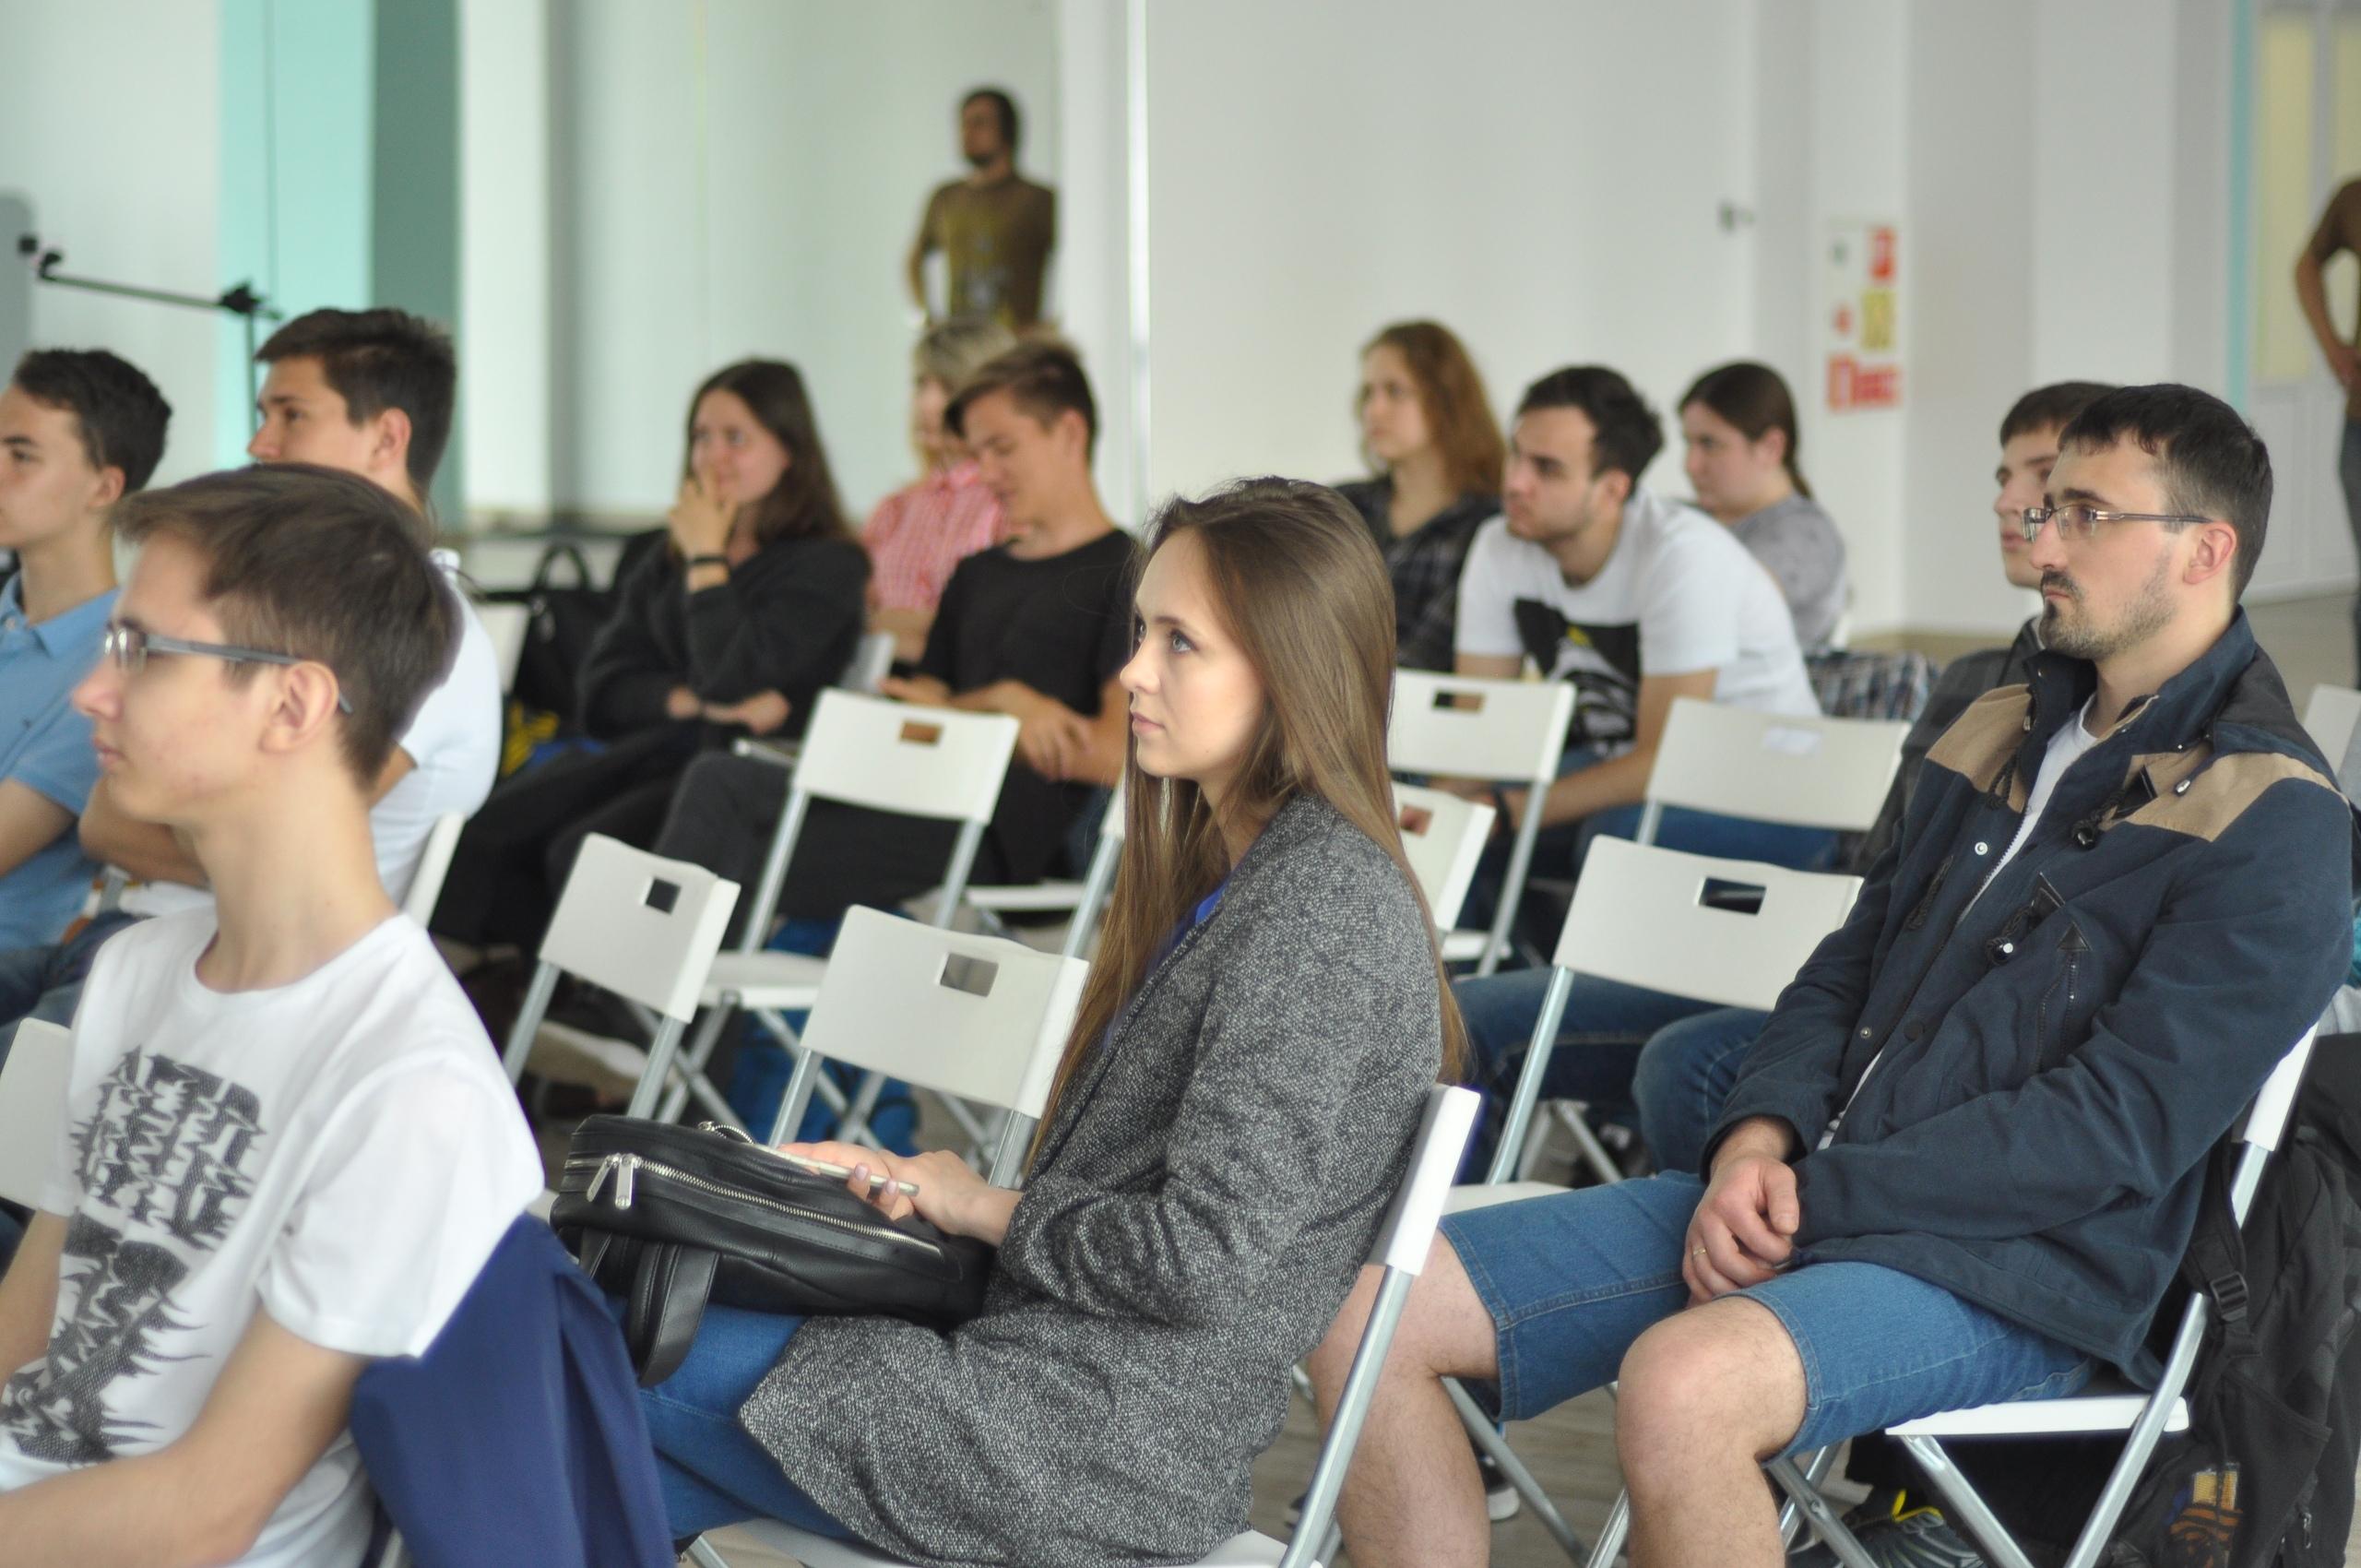 Мастер-класс по вёрстке от Евгения Иванова из Digital Zone